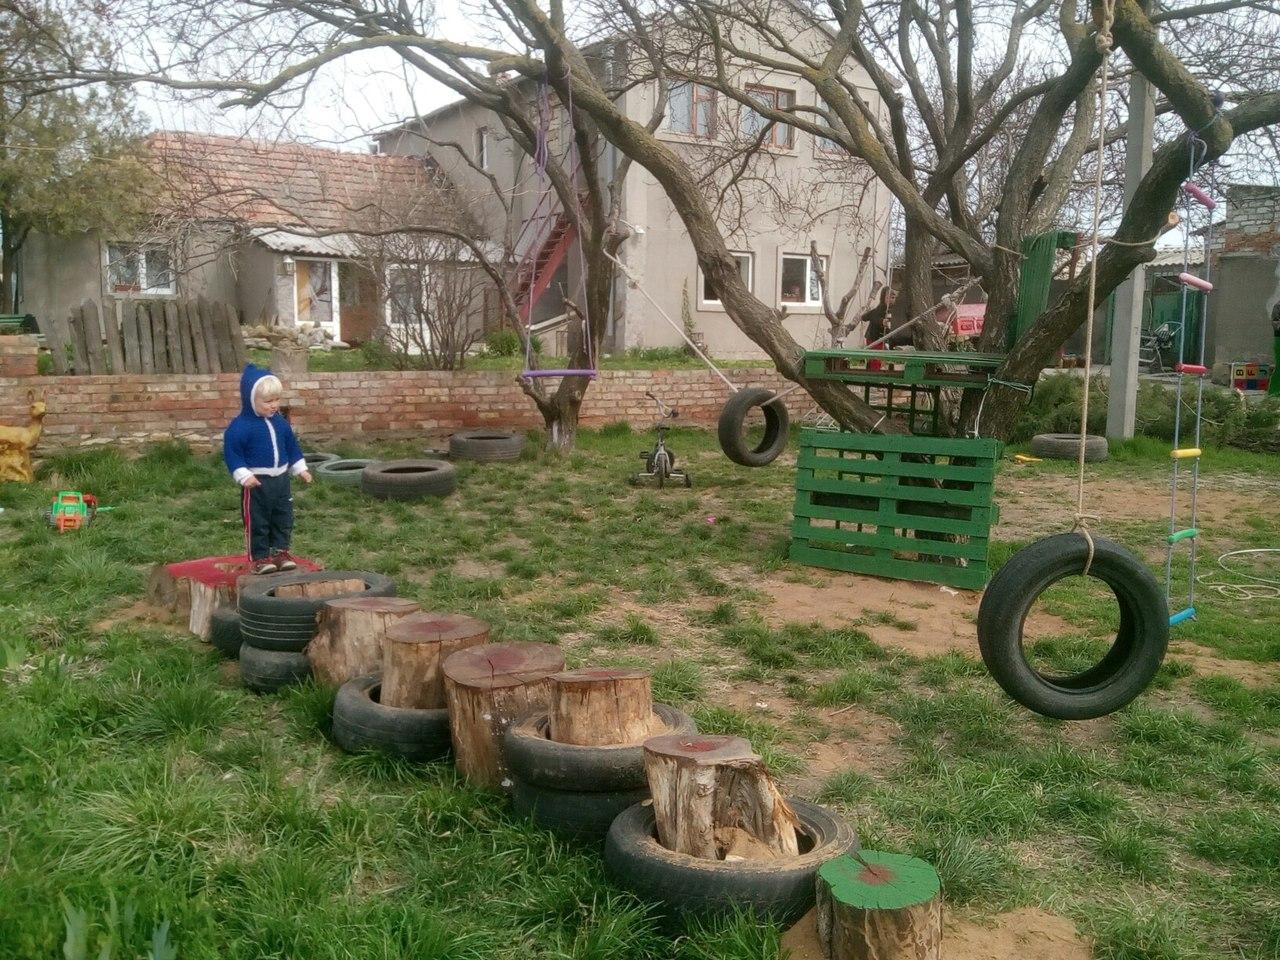 Детский экстрим парк ТынсьБрынсь в Старой Богдановке на Ферме Шполянских